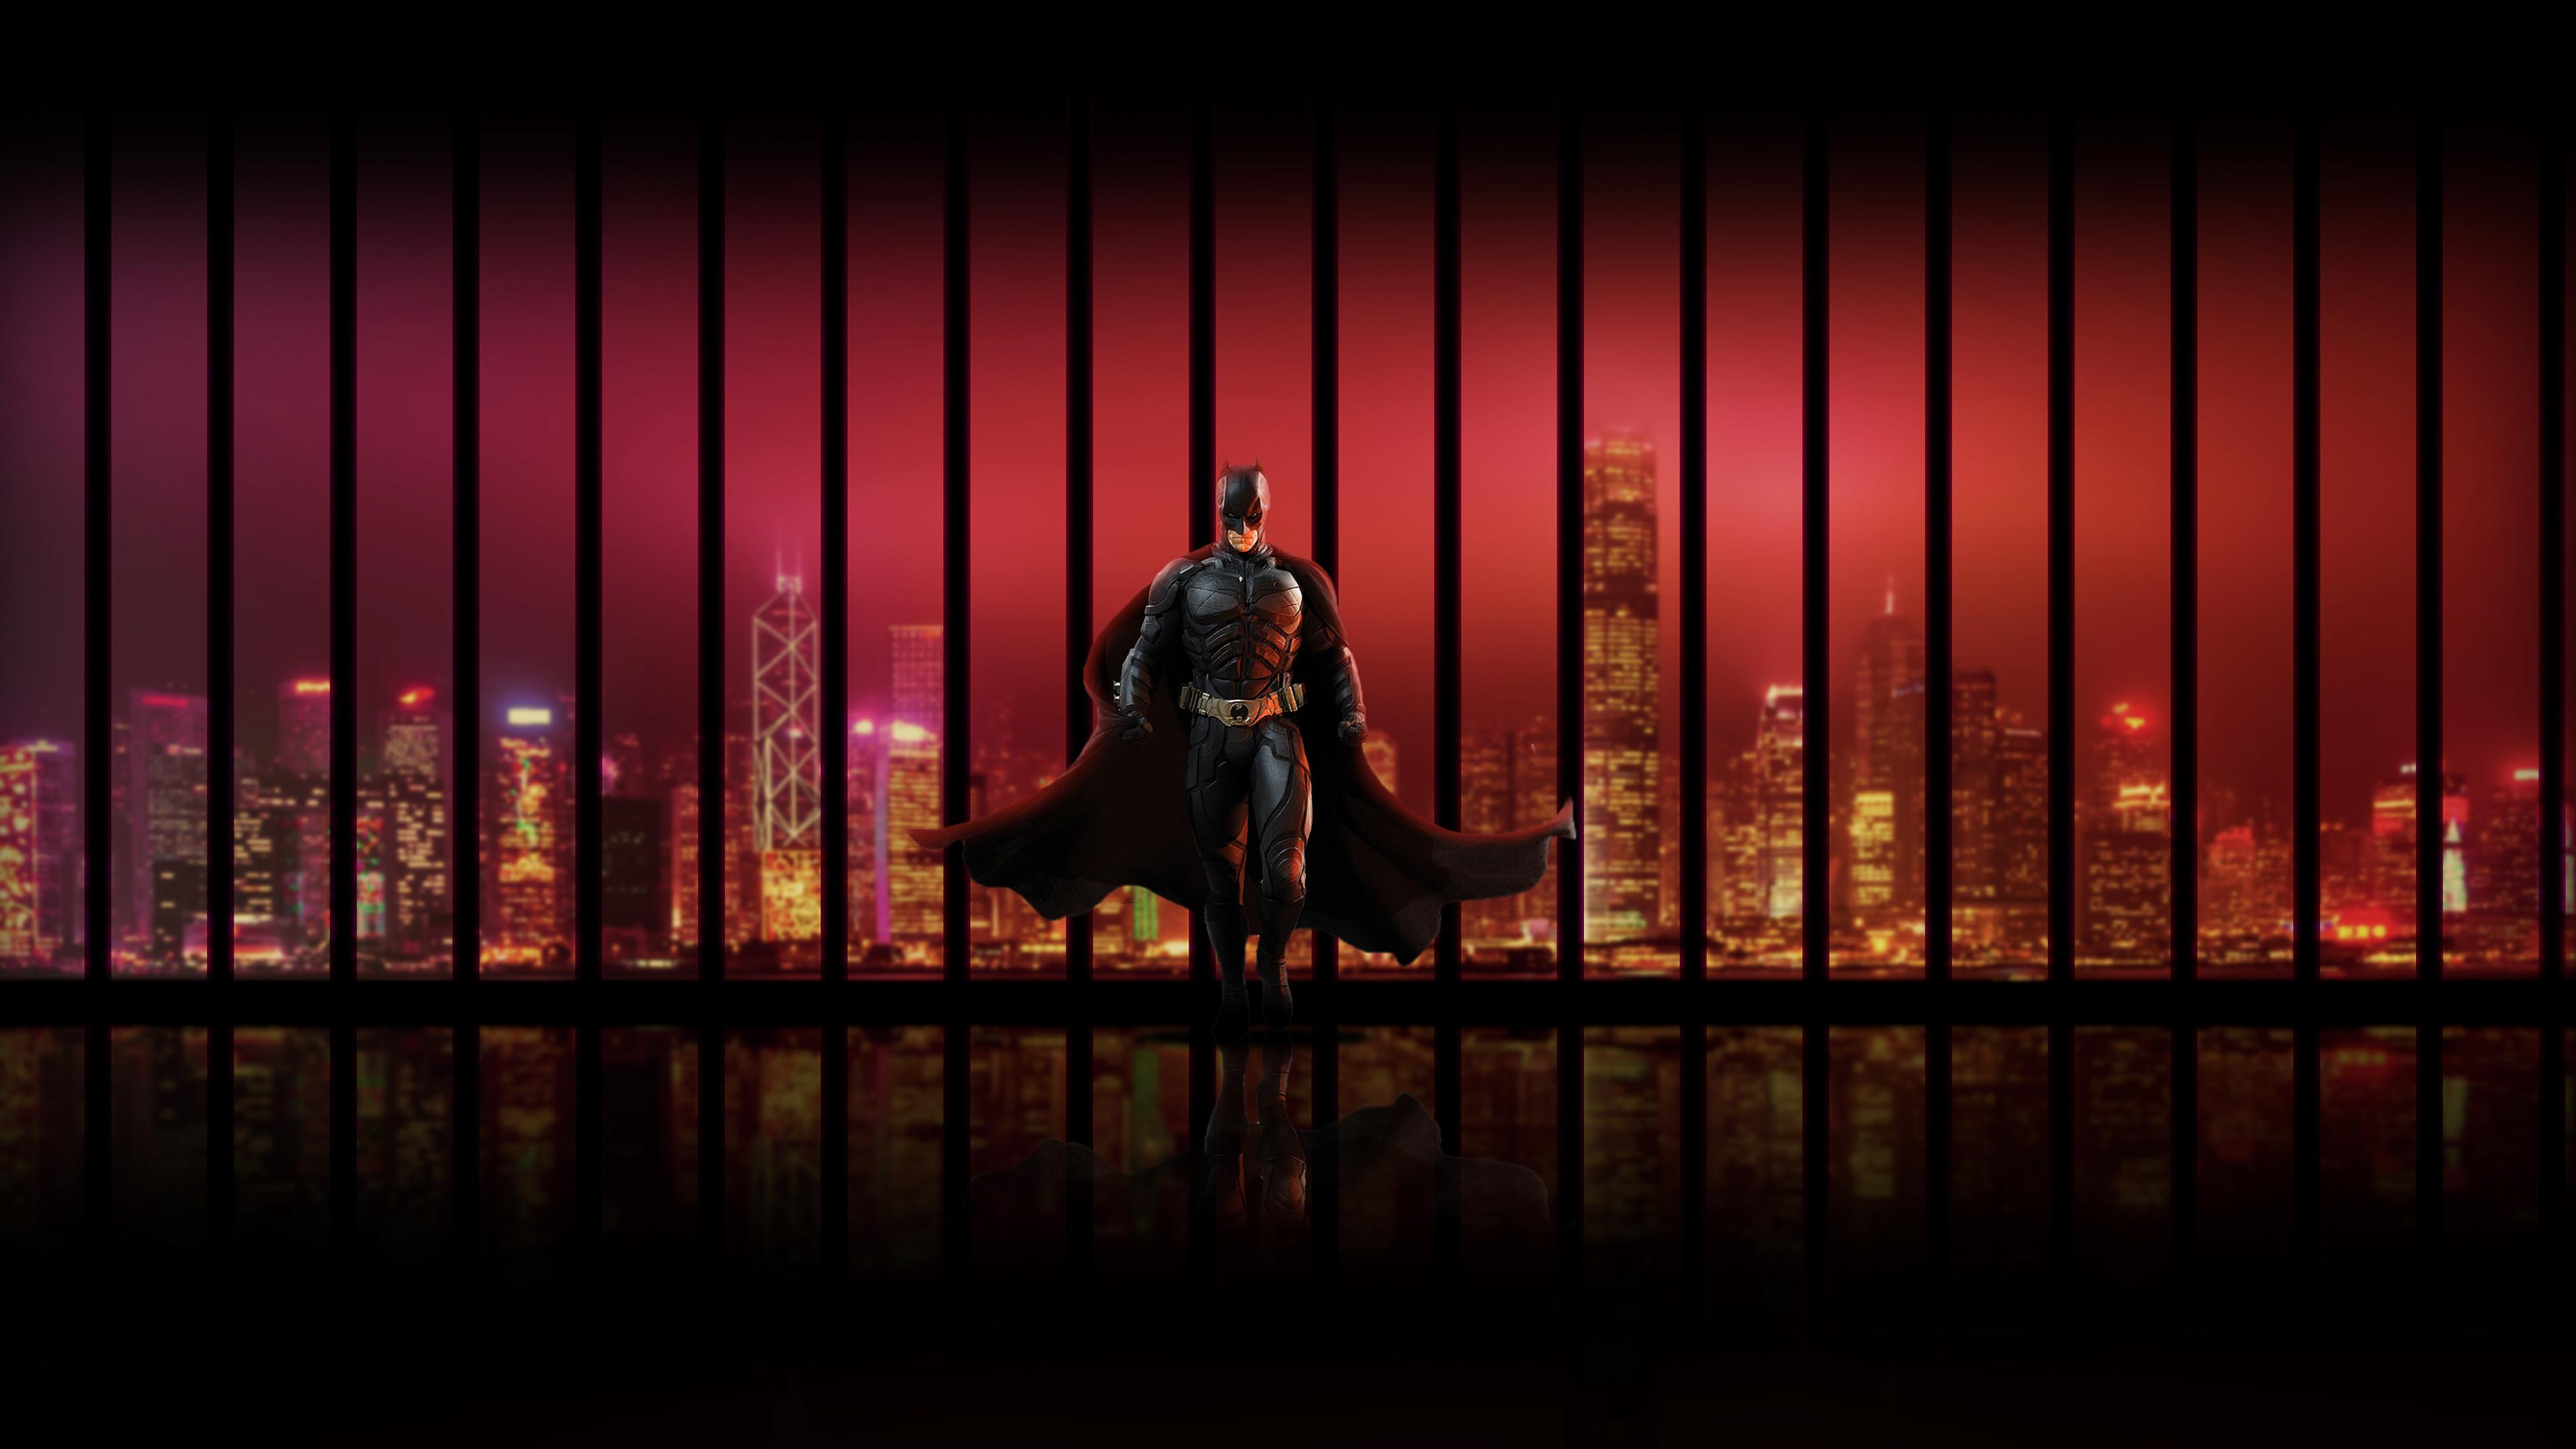 batman gotham new art 4k 1555206620 - Batman Gotham New Art 4k - superheroes wallpapers, hd-wallpapers, digital art wallpapers, behance wallpapers, batman wallpapers, artwork wallpapers